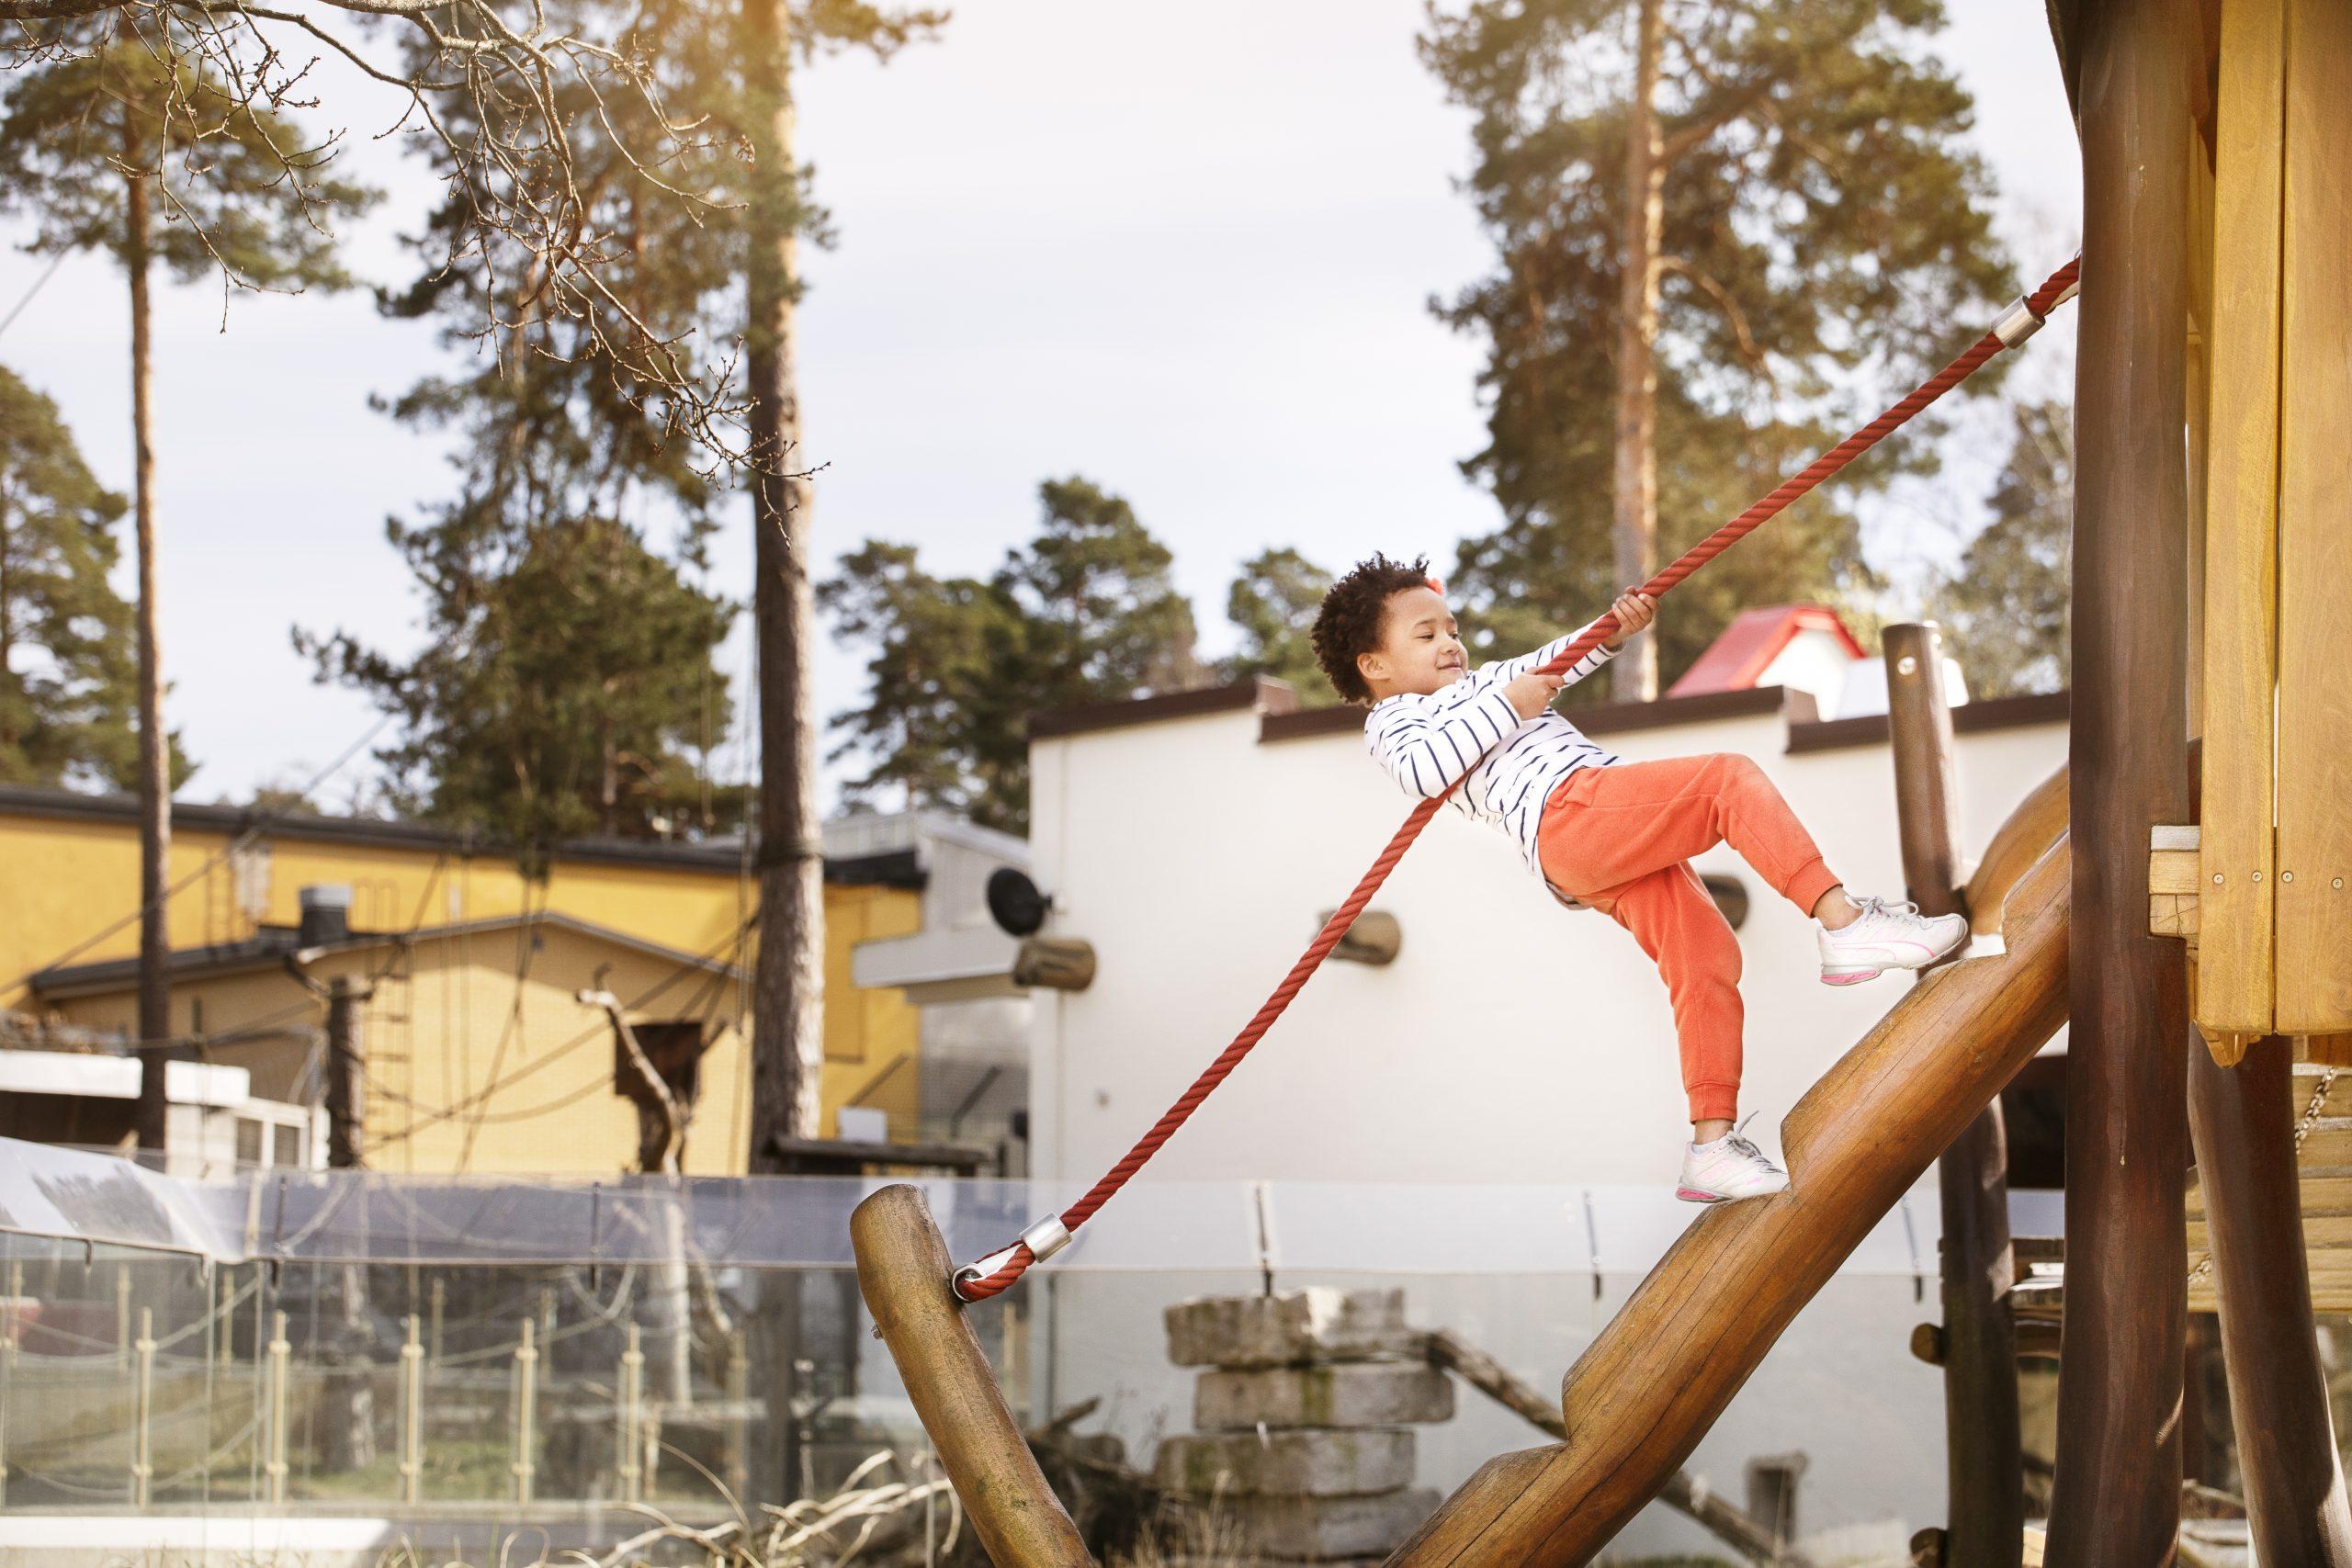 Ett lite kille klättrar upp för ett rep på parken zoo